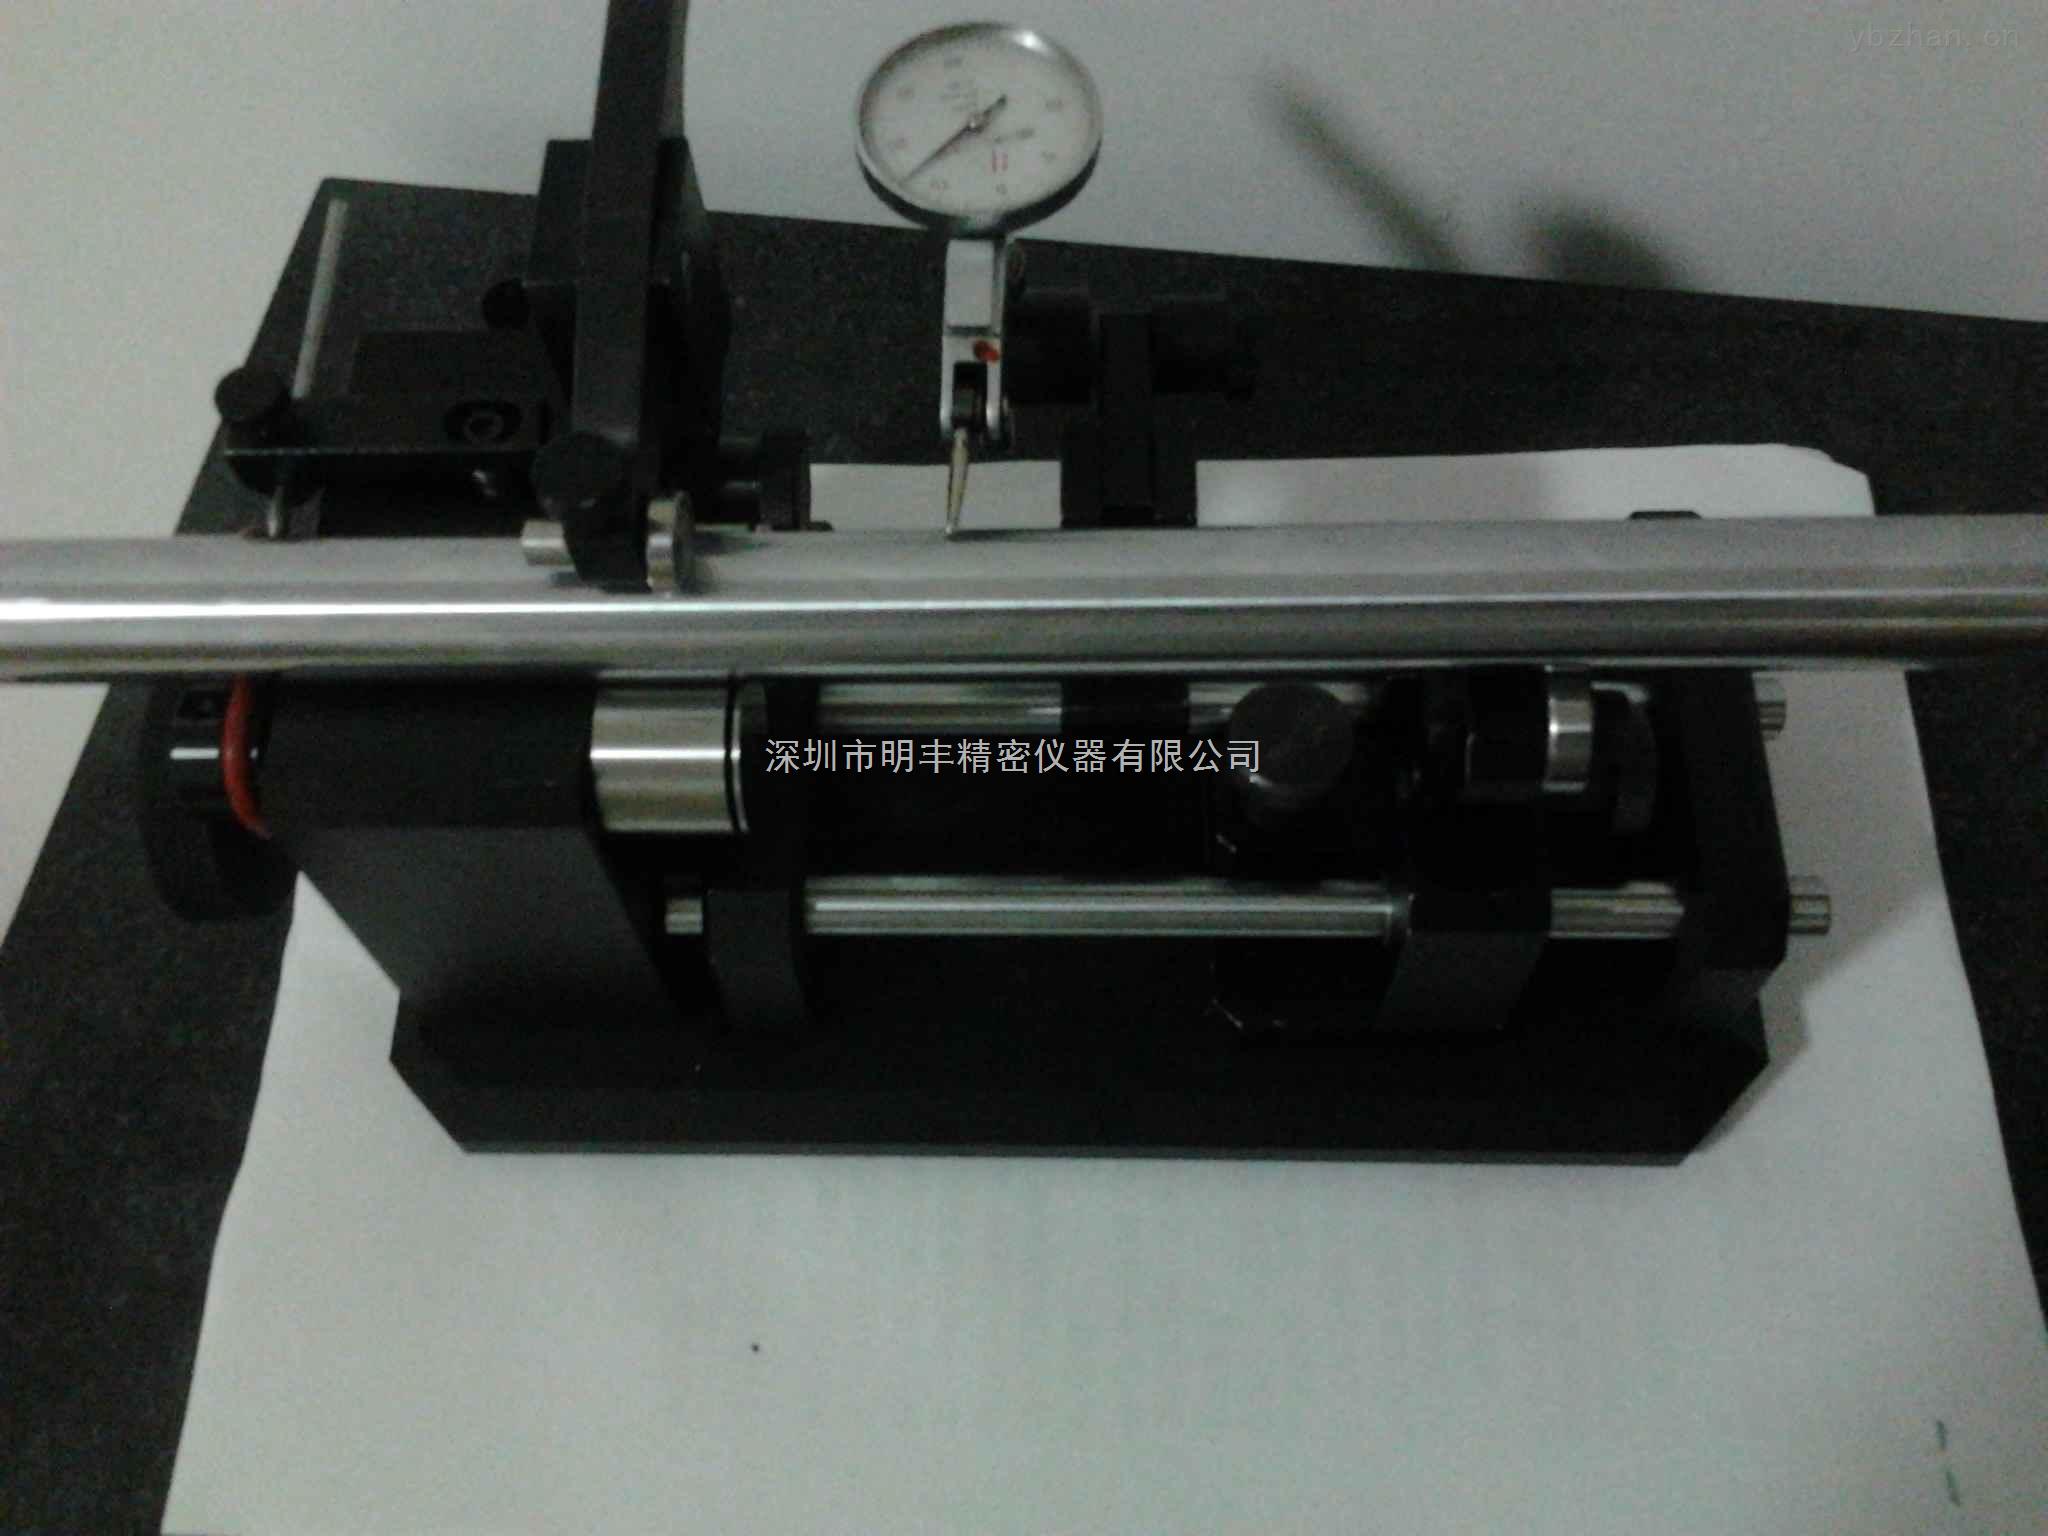 蘇州同軸度測量儀,蘇州同軸度測試儀廠家,價格